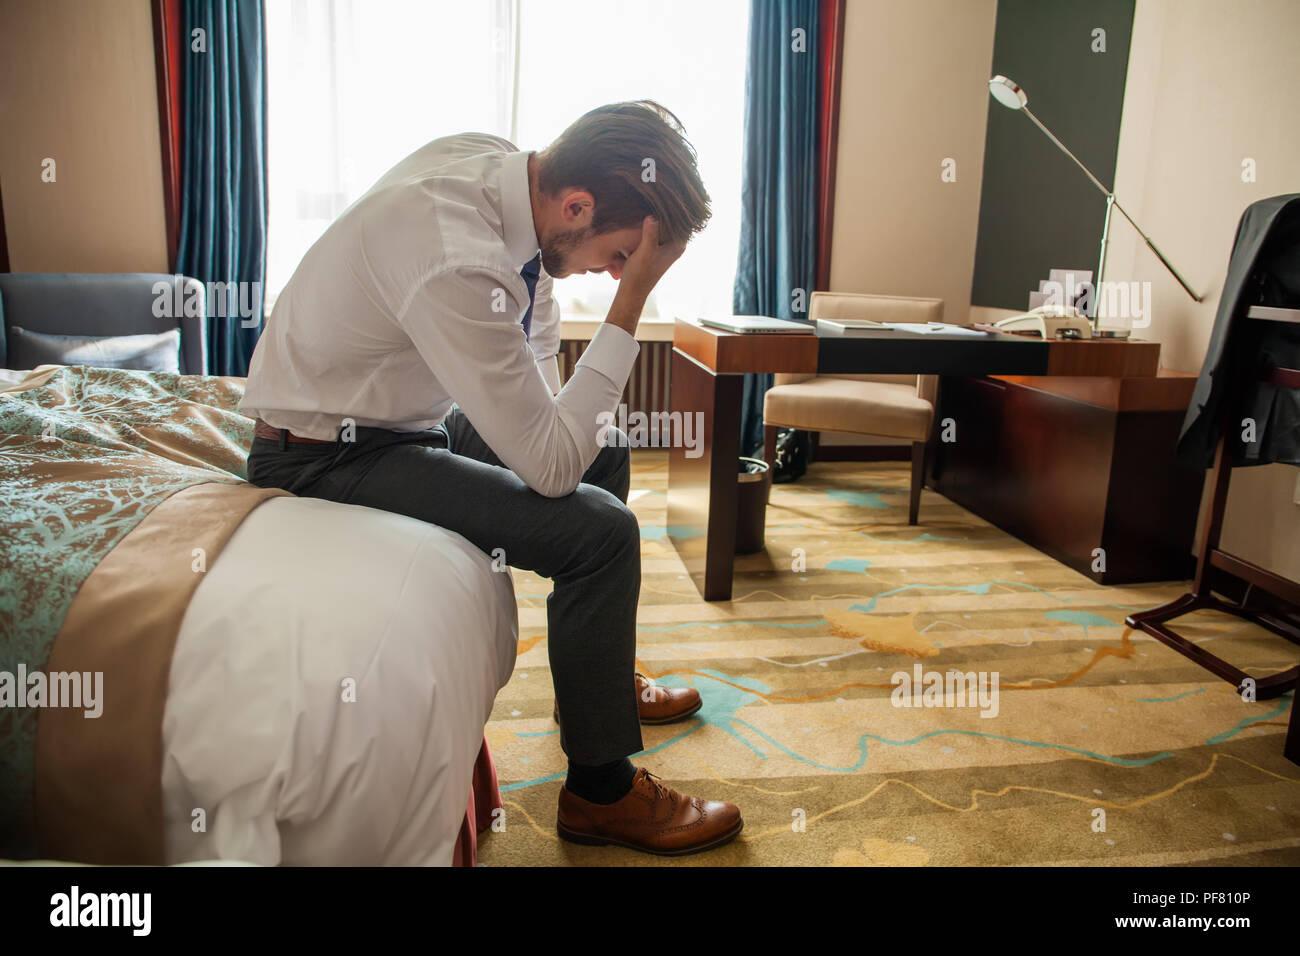 Frustrati giovane uomo in abito formale seduta sul letto oltre i bagagli in borsa. Imprenditore a pensare a problemi in azienda o a casa e non sentirsi bene, ha perso il lavoro, delle relazioni o di stress da lavoro Immagini Stock